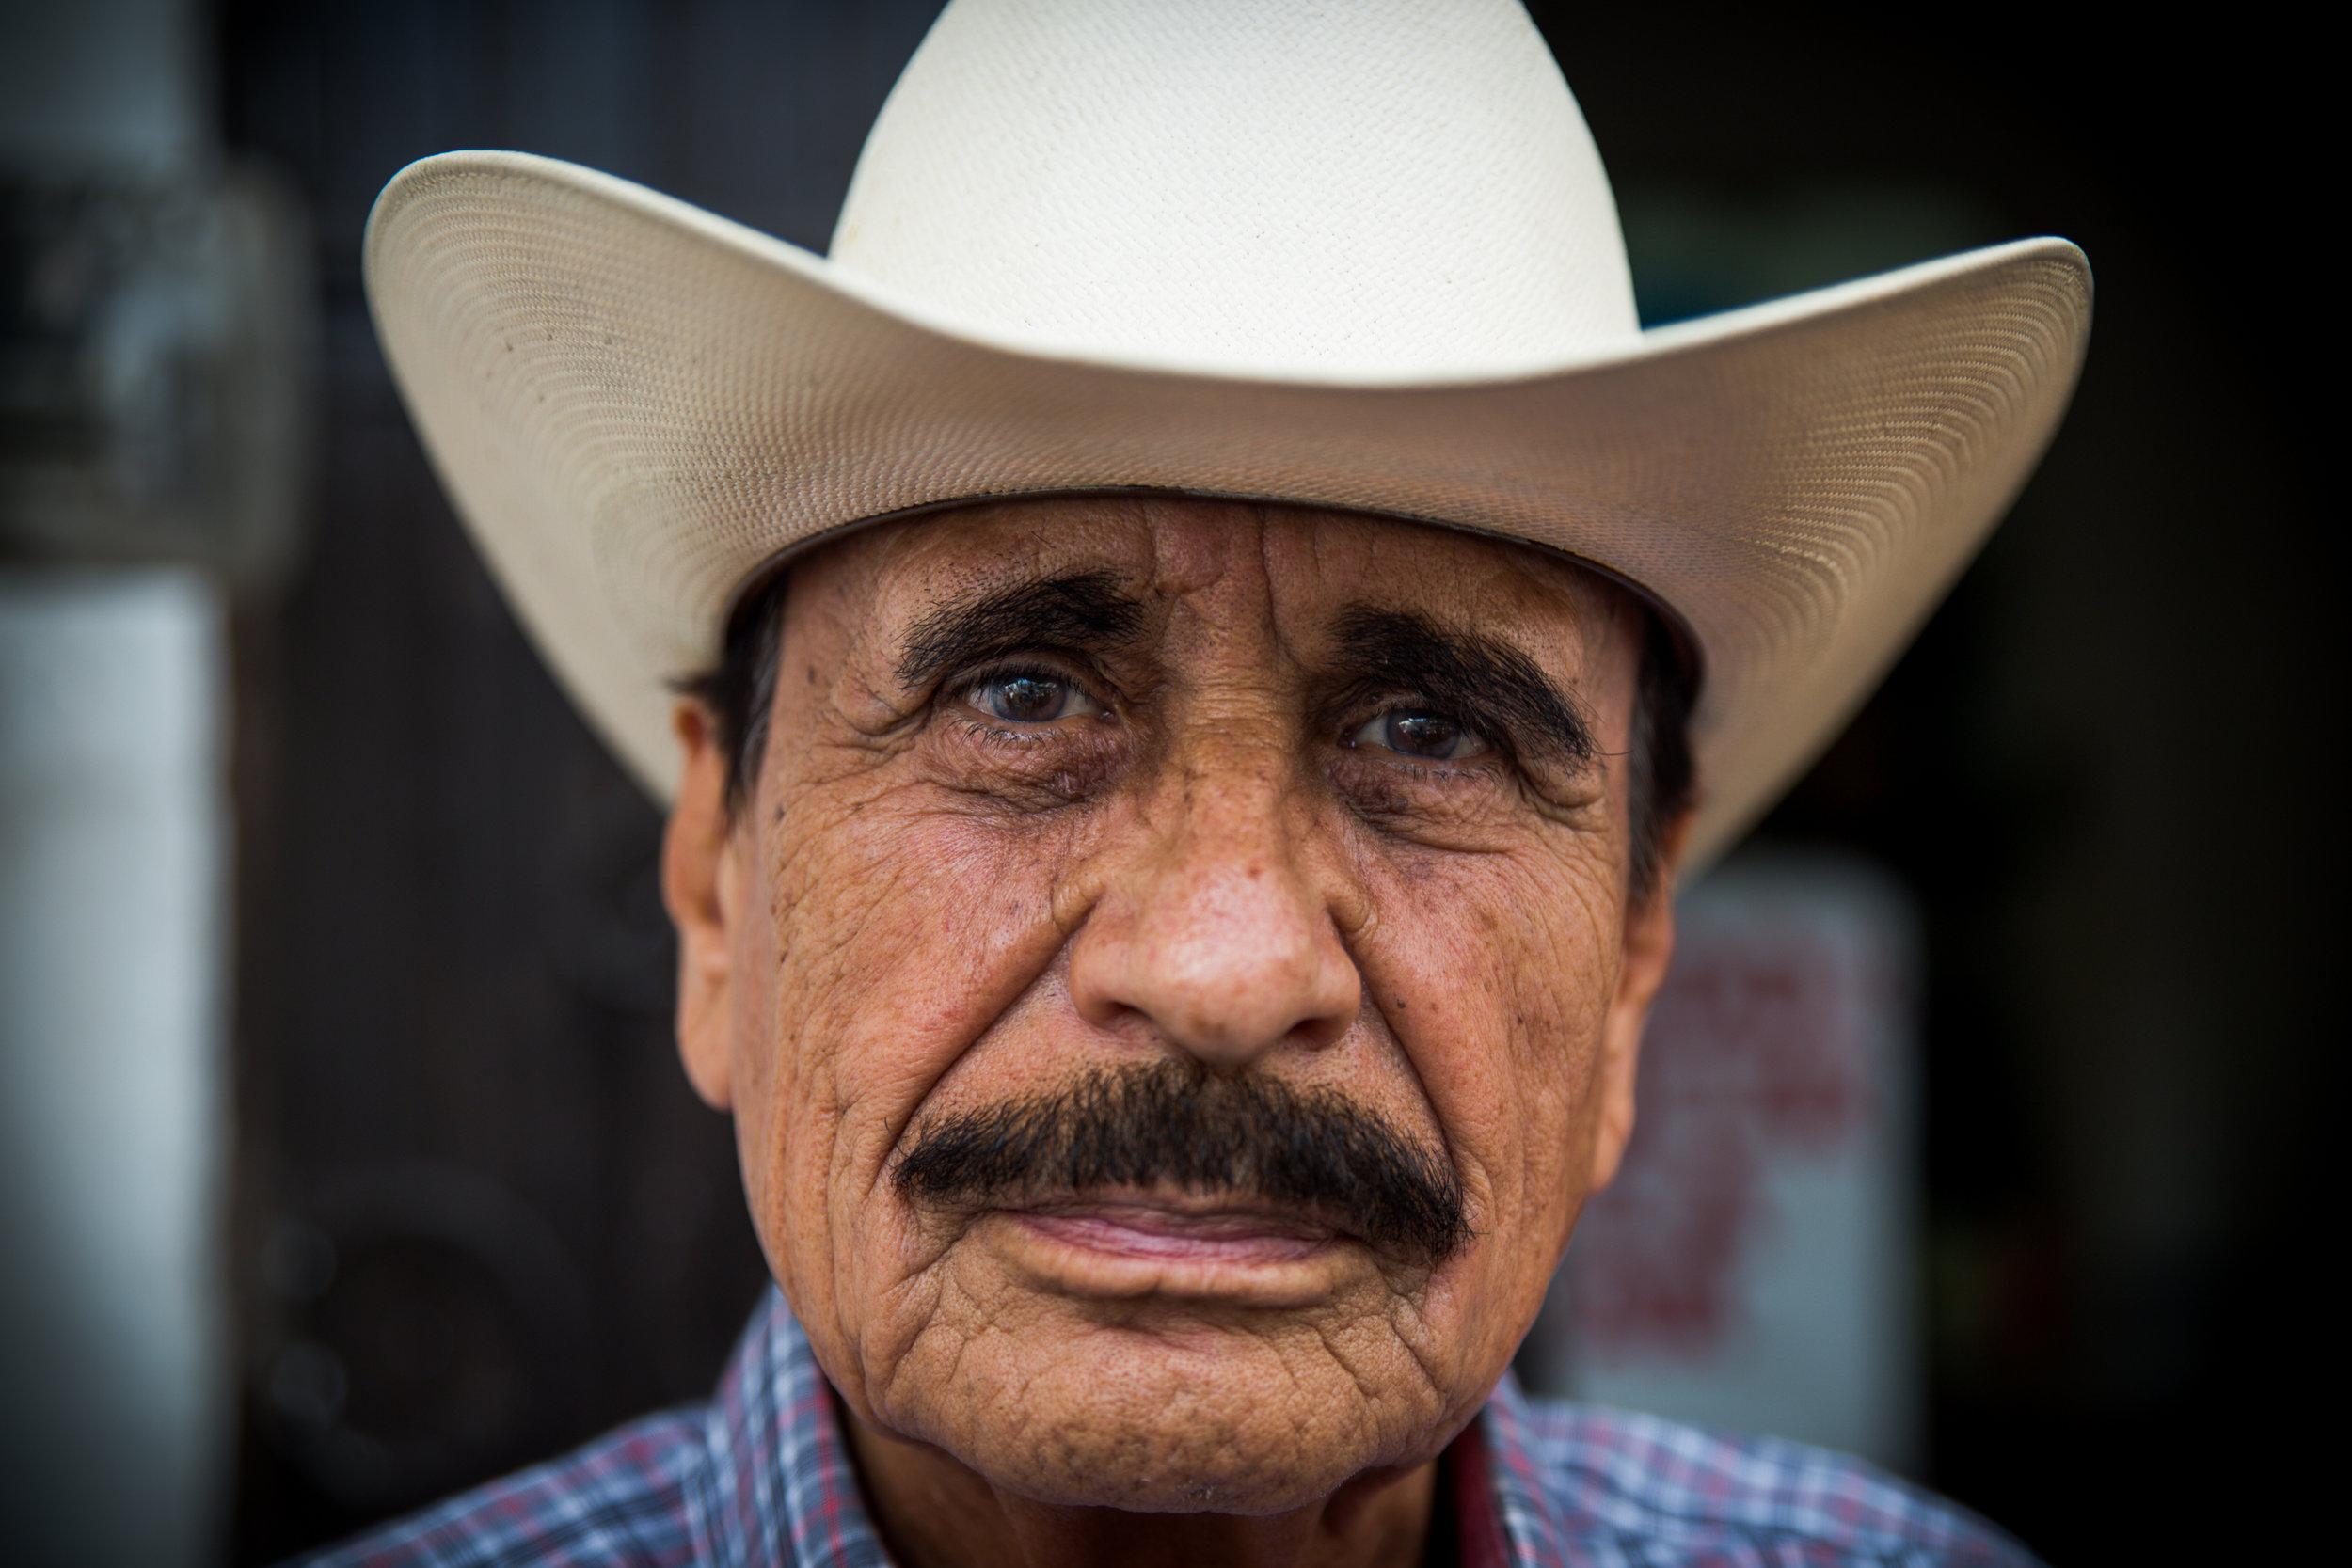 A man at the farmer's market. Monterrey, Mexico.